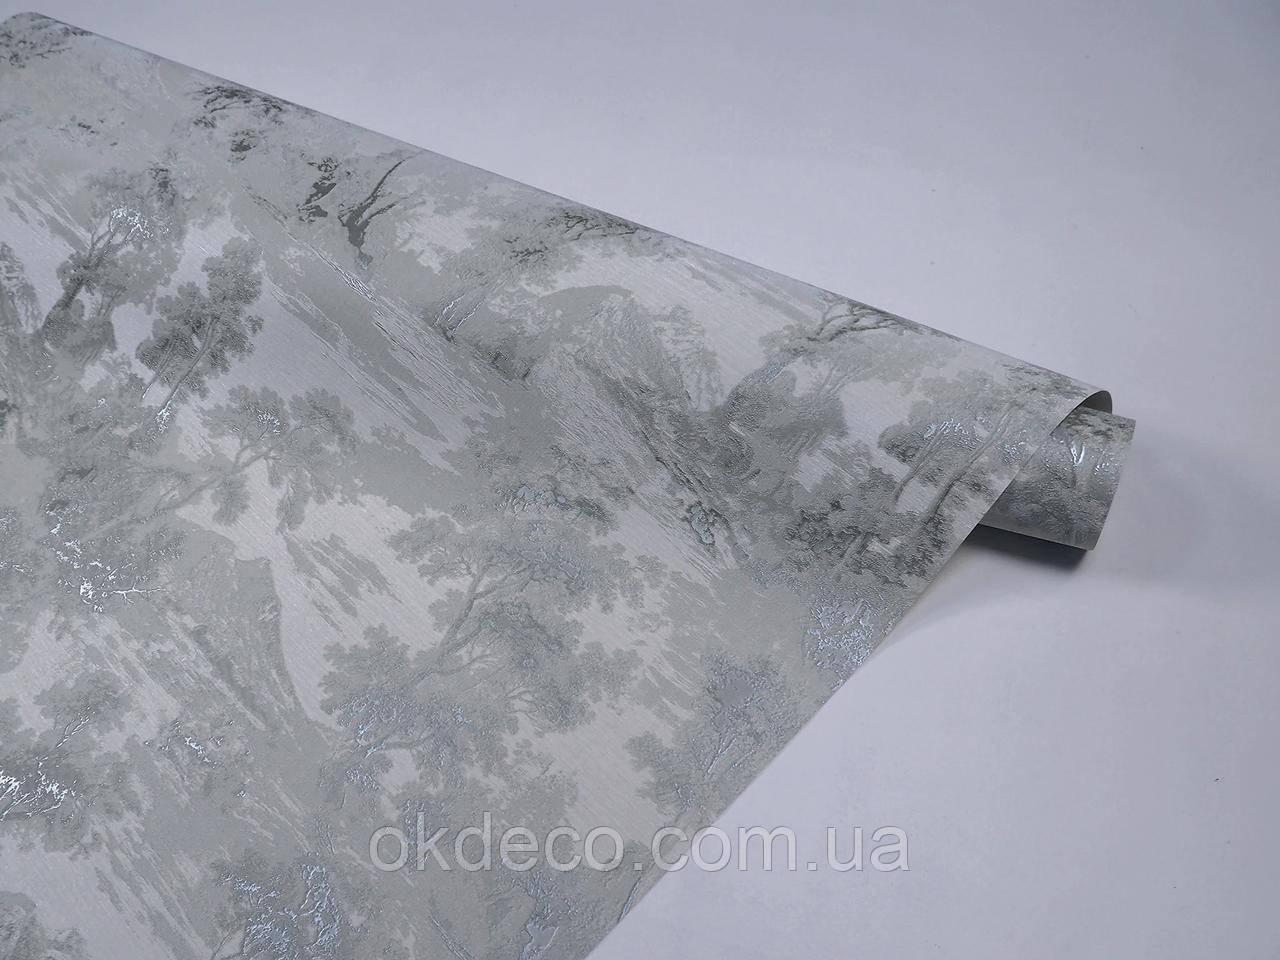 Обои виниловые на флизелиновой основе Asian Wallpaper 196702